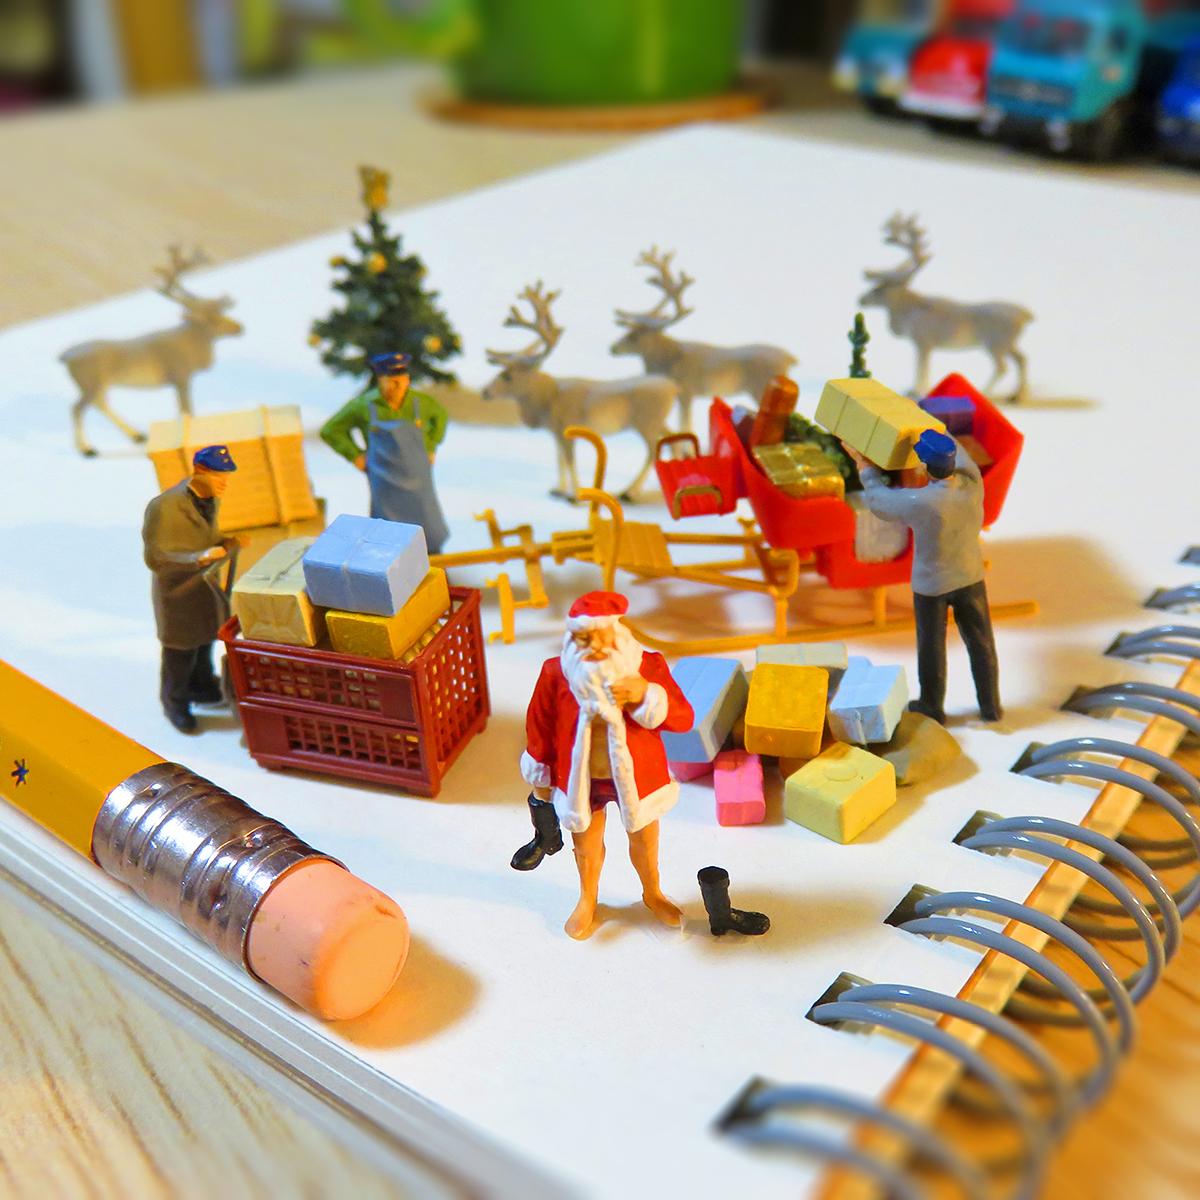 12月24日はクリスマスイブ!着替えて準備するサンタクロースとプレゼントをソリに積む作業員たち